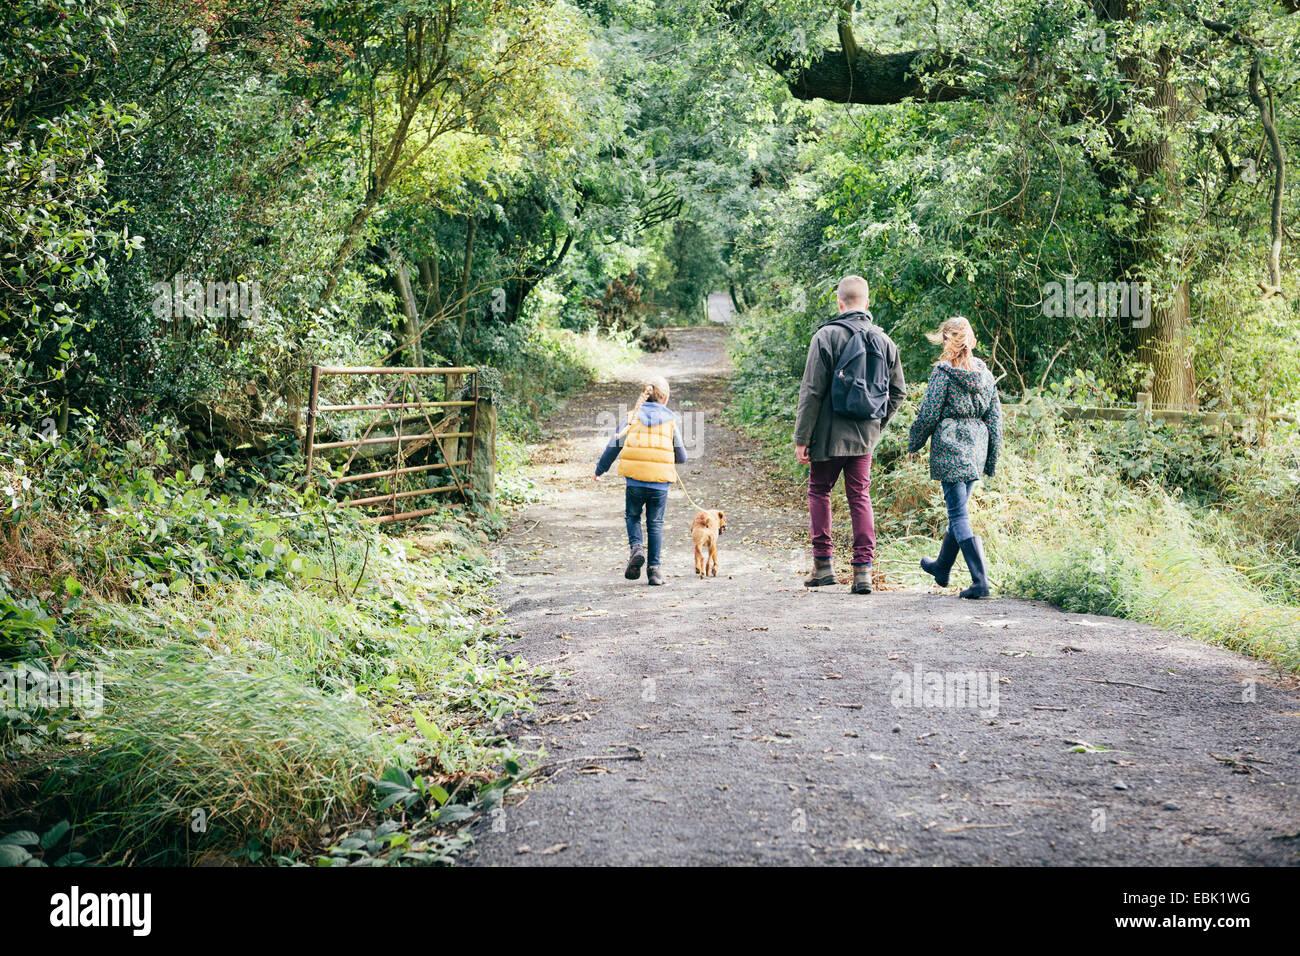 Padre y dos niñas paseando a un perro en la carretera rural Foto de stock